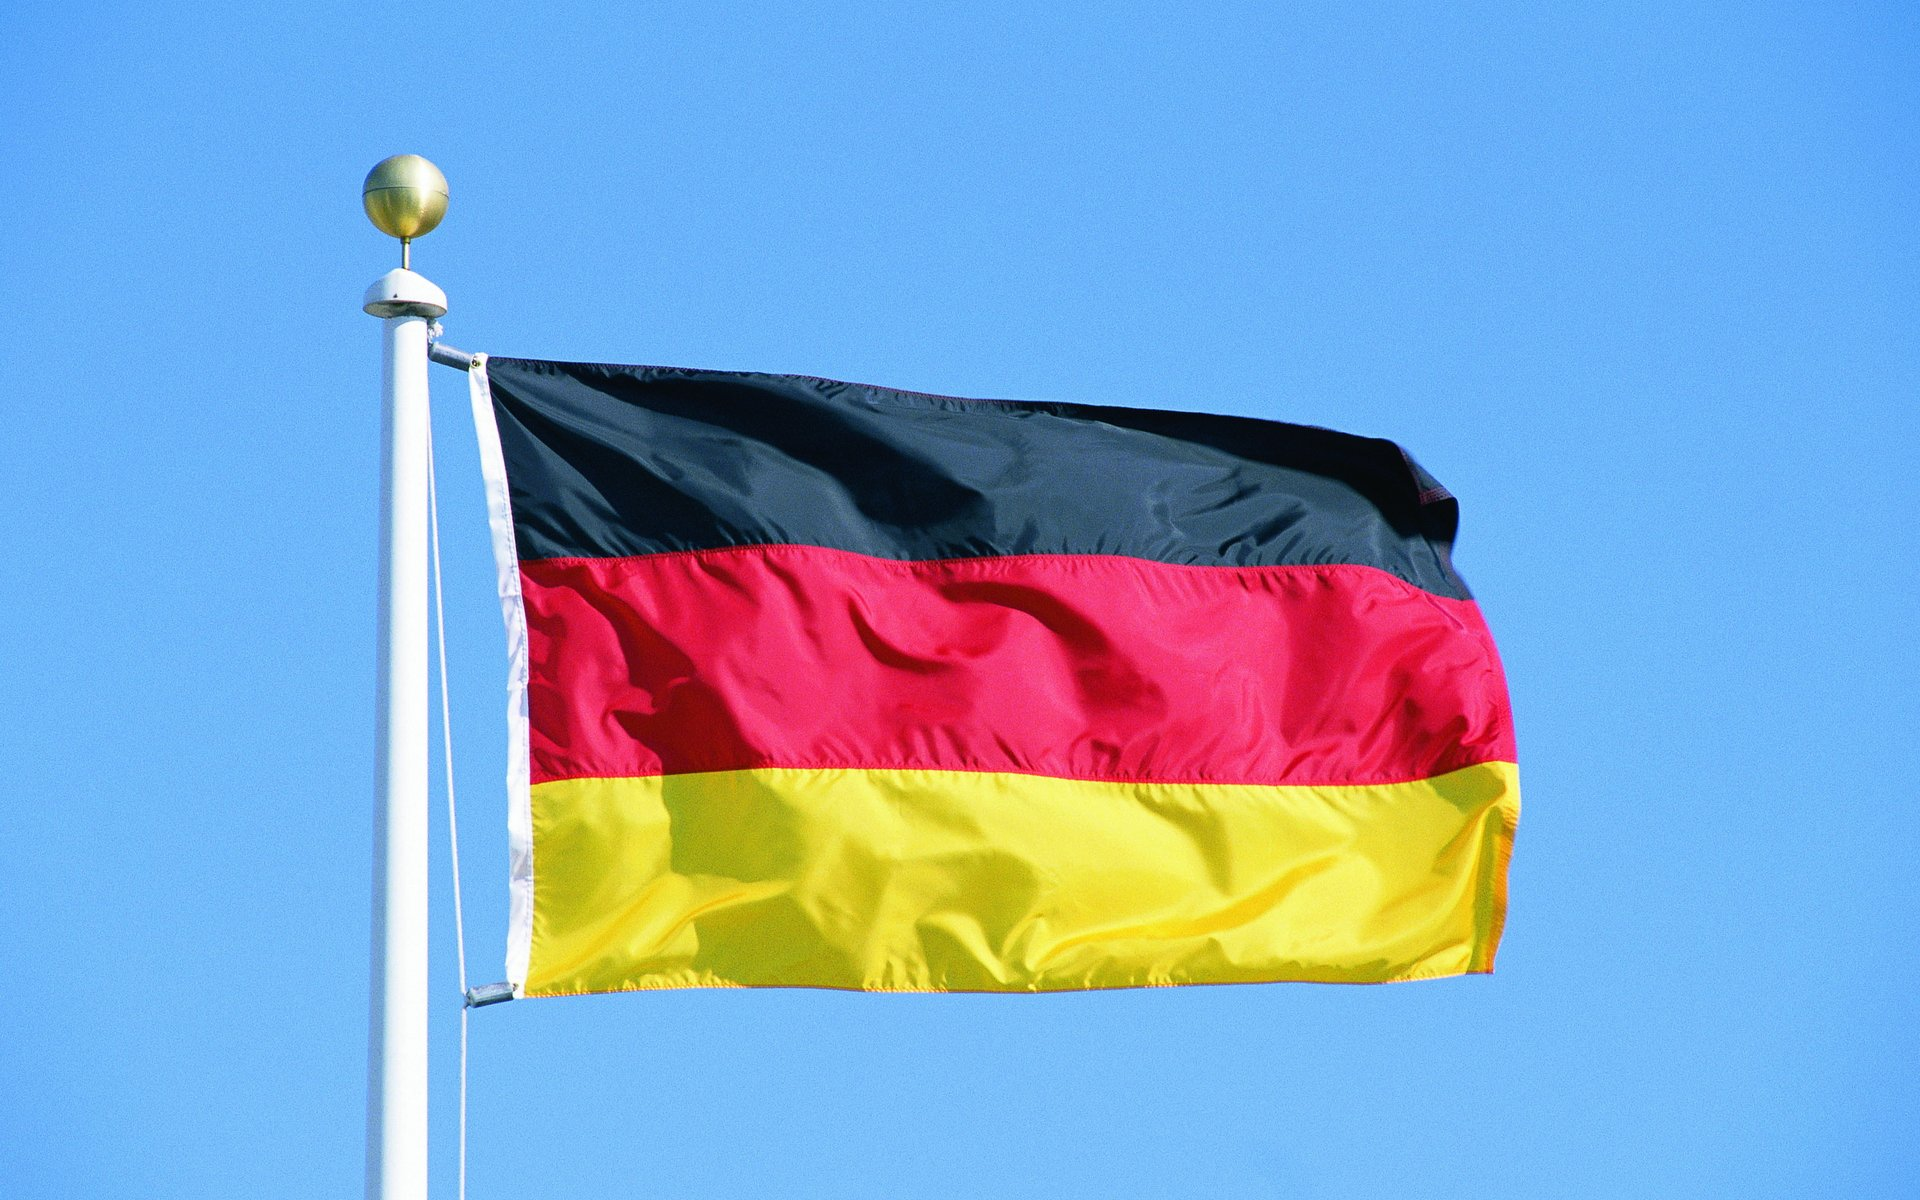 Игорное законодательство Германии может серьезно измениться